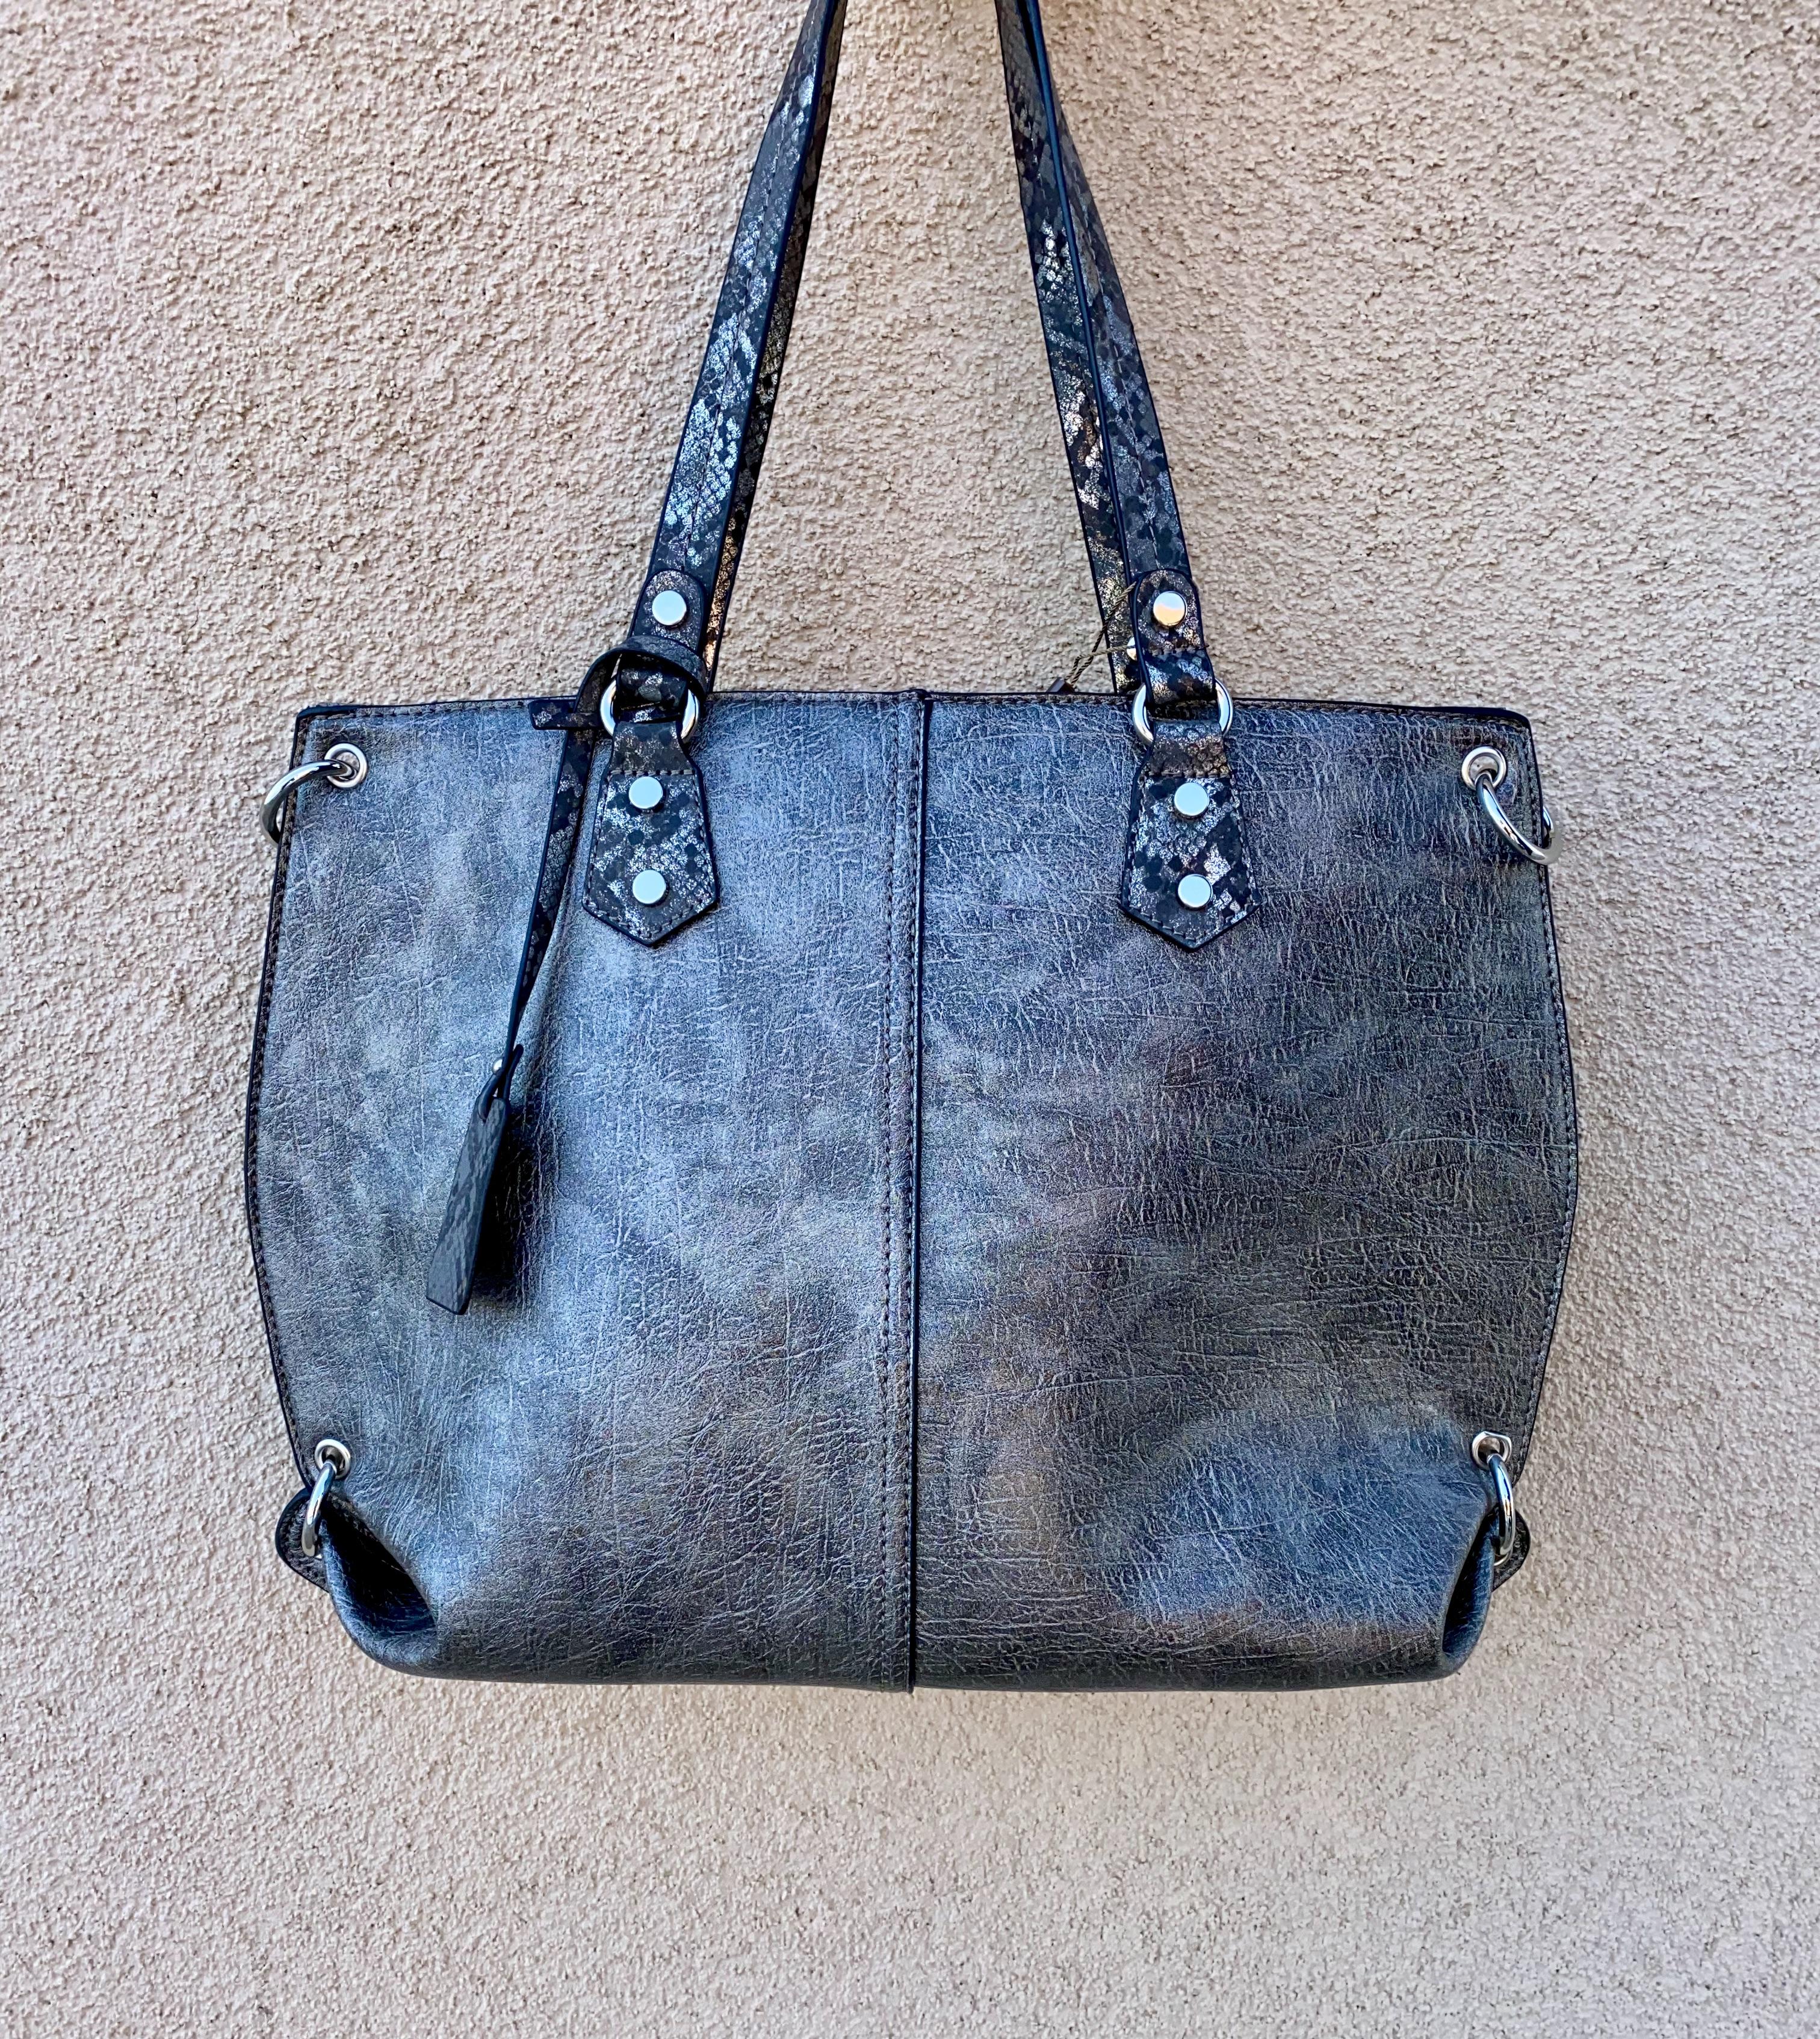 Treska bag (2 in 1) $79